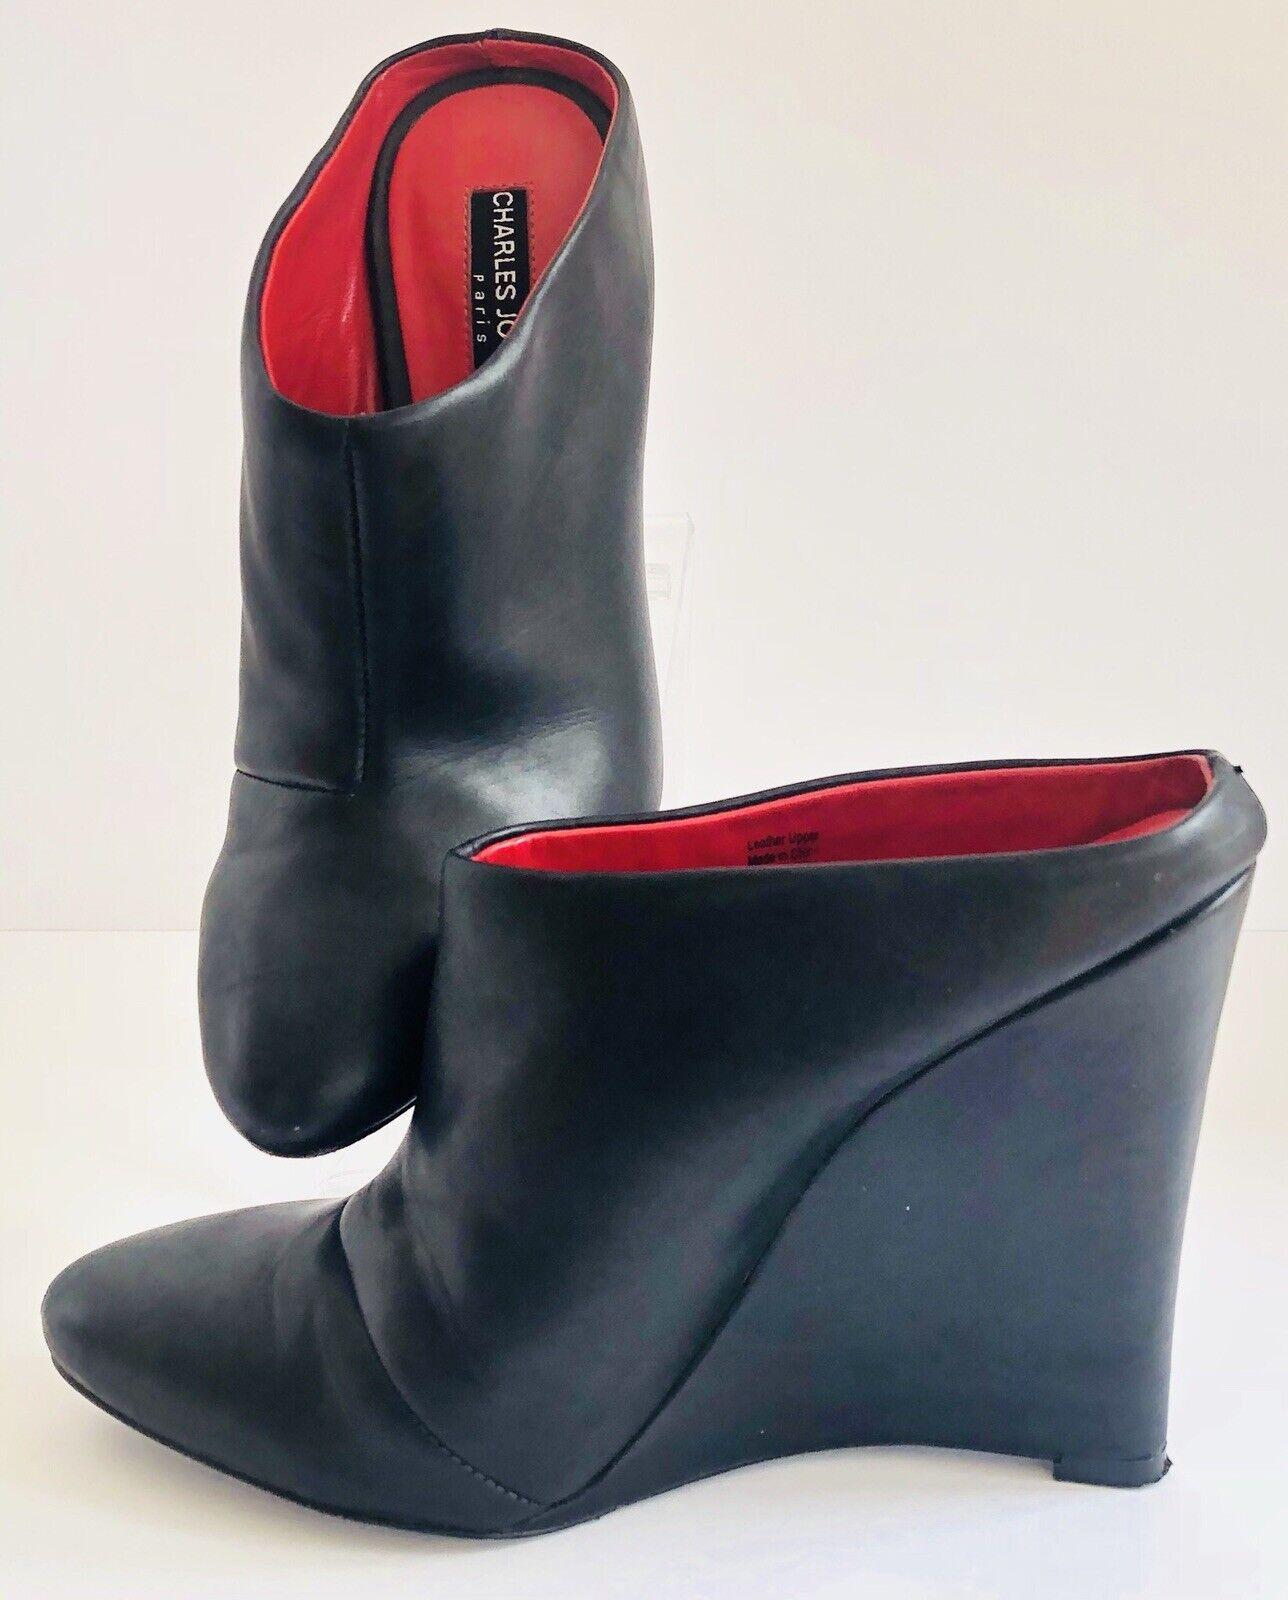 Charles Jourdan Womens Alma Black Wedge Heel Mule Bootie shoes Size 6.5 M